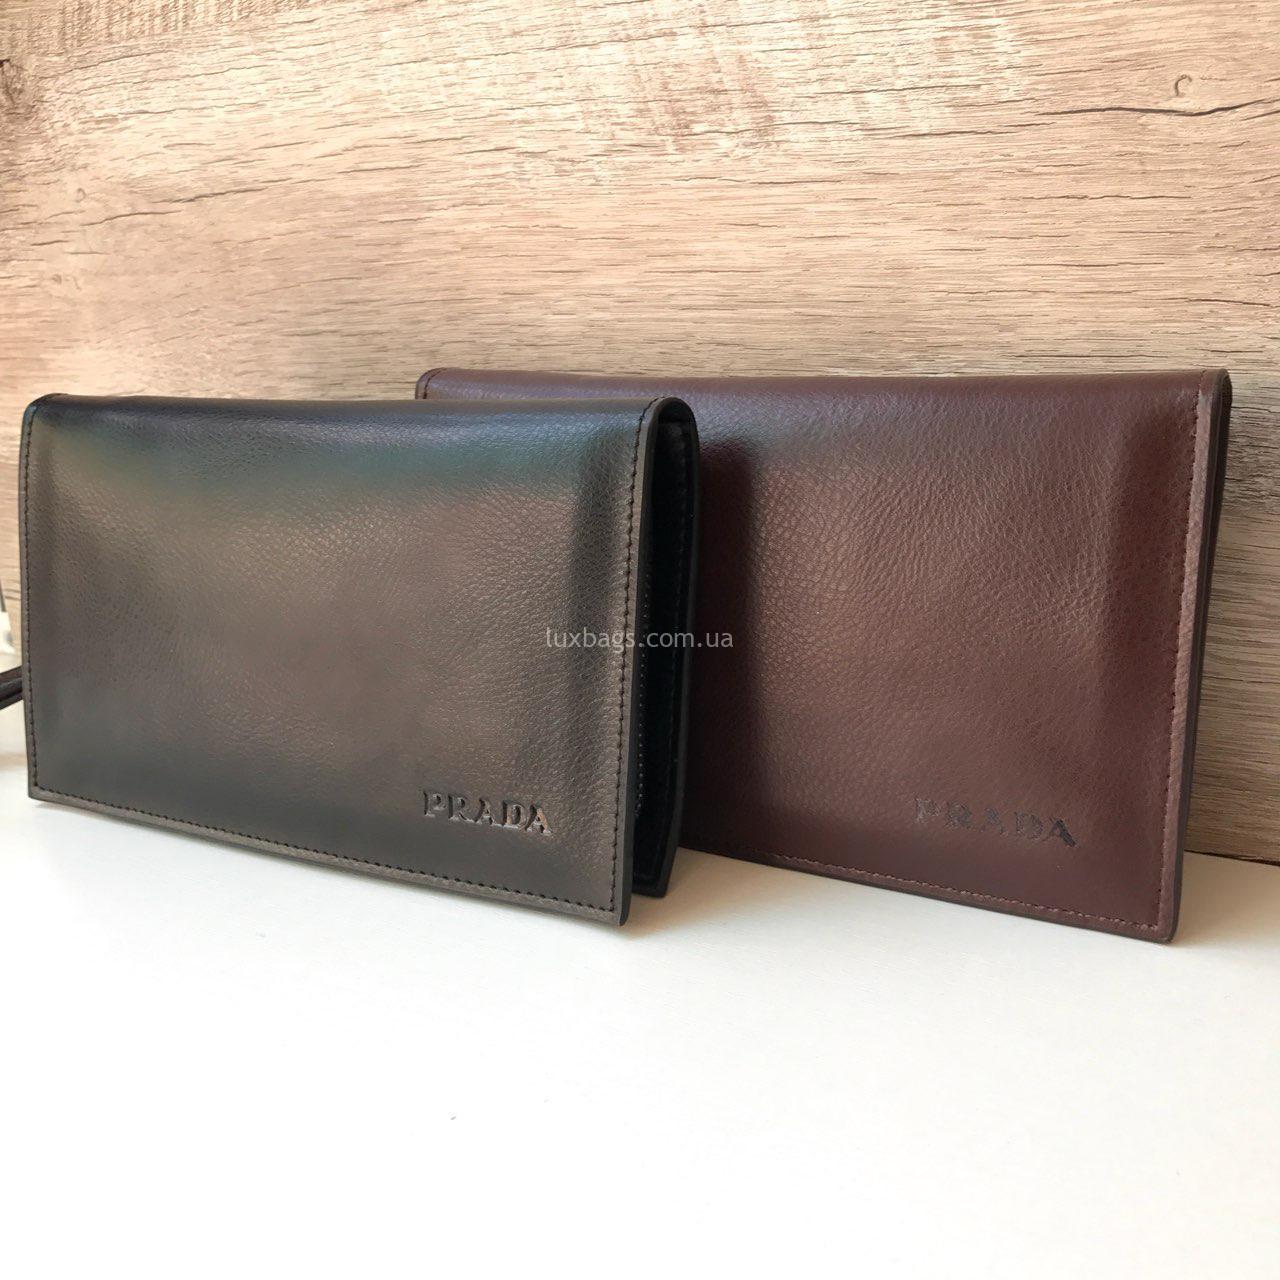 ff3b00725eac Купить Мужской клатч Prada organizer недорого на lux-bags